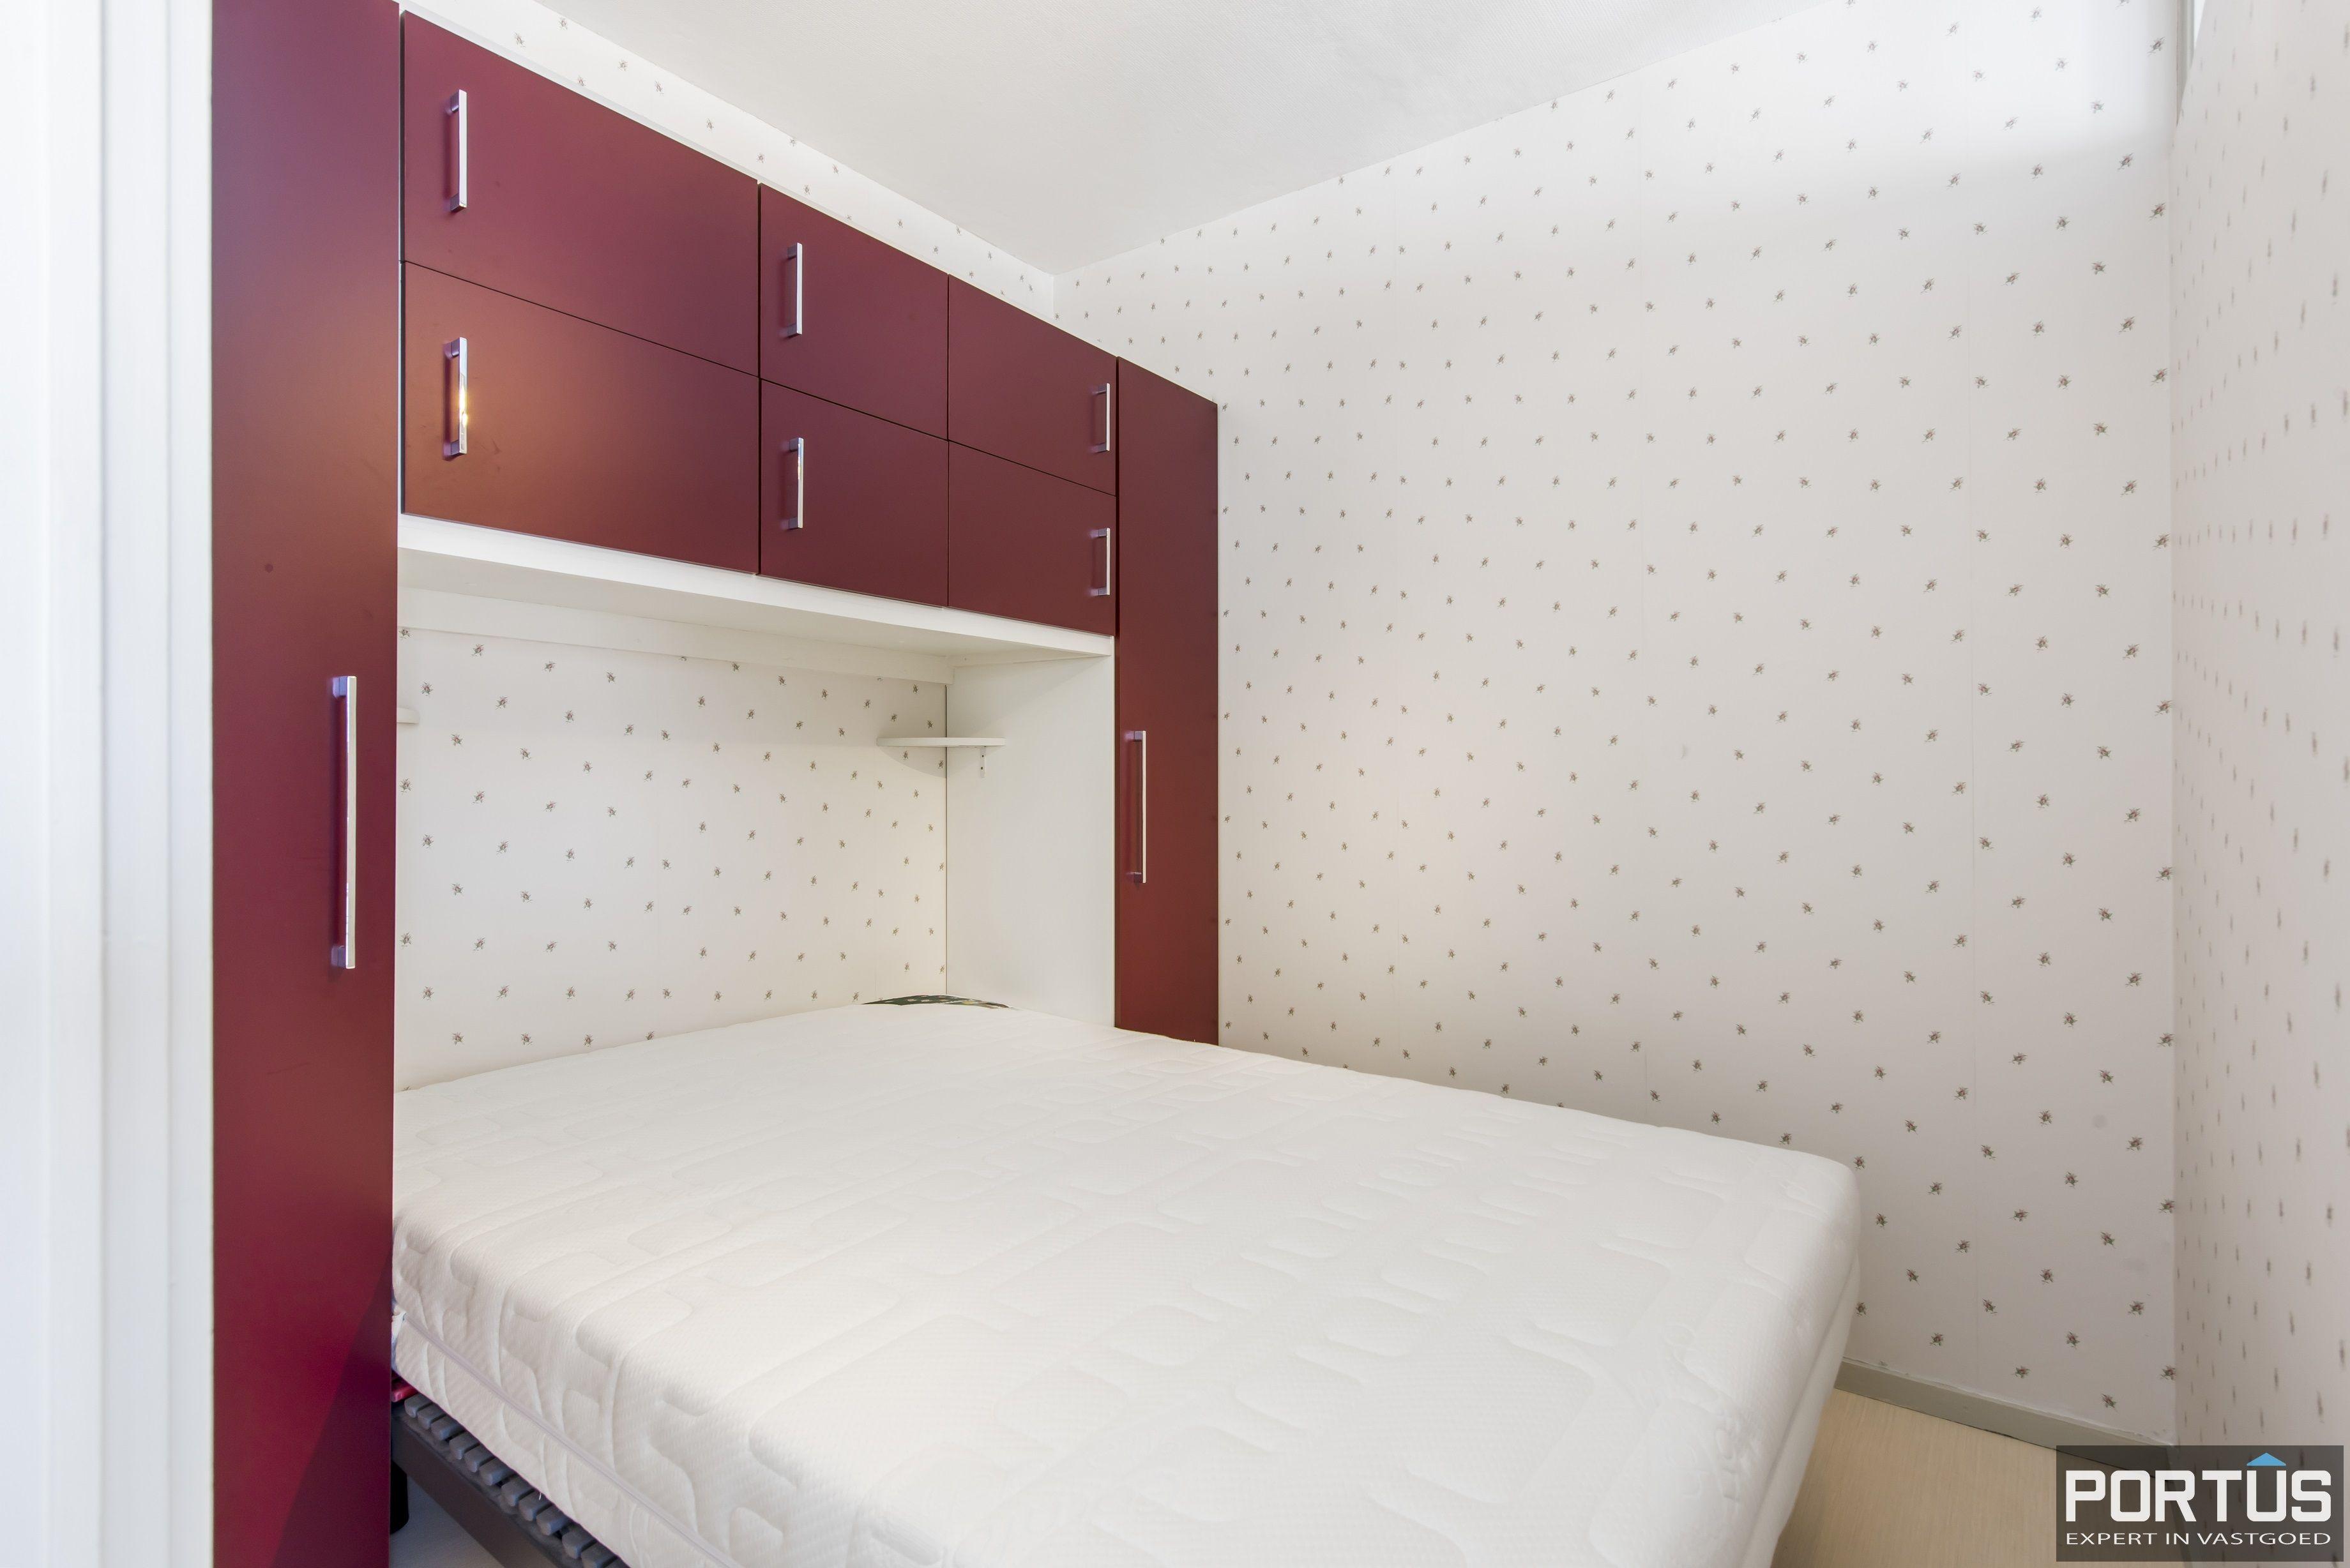 Instapklaar 1 slaapkamer appartement met ruim terras met zijdelings zeezicht te koop - 9555